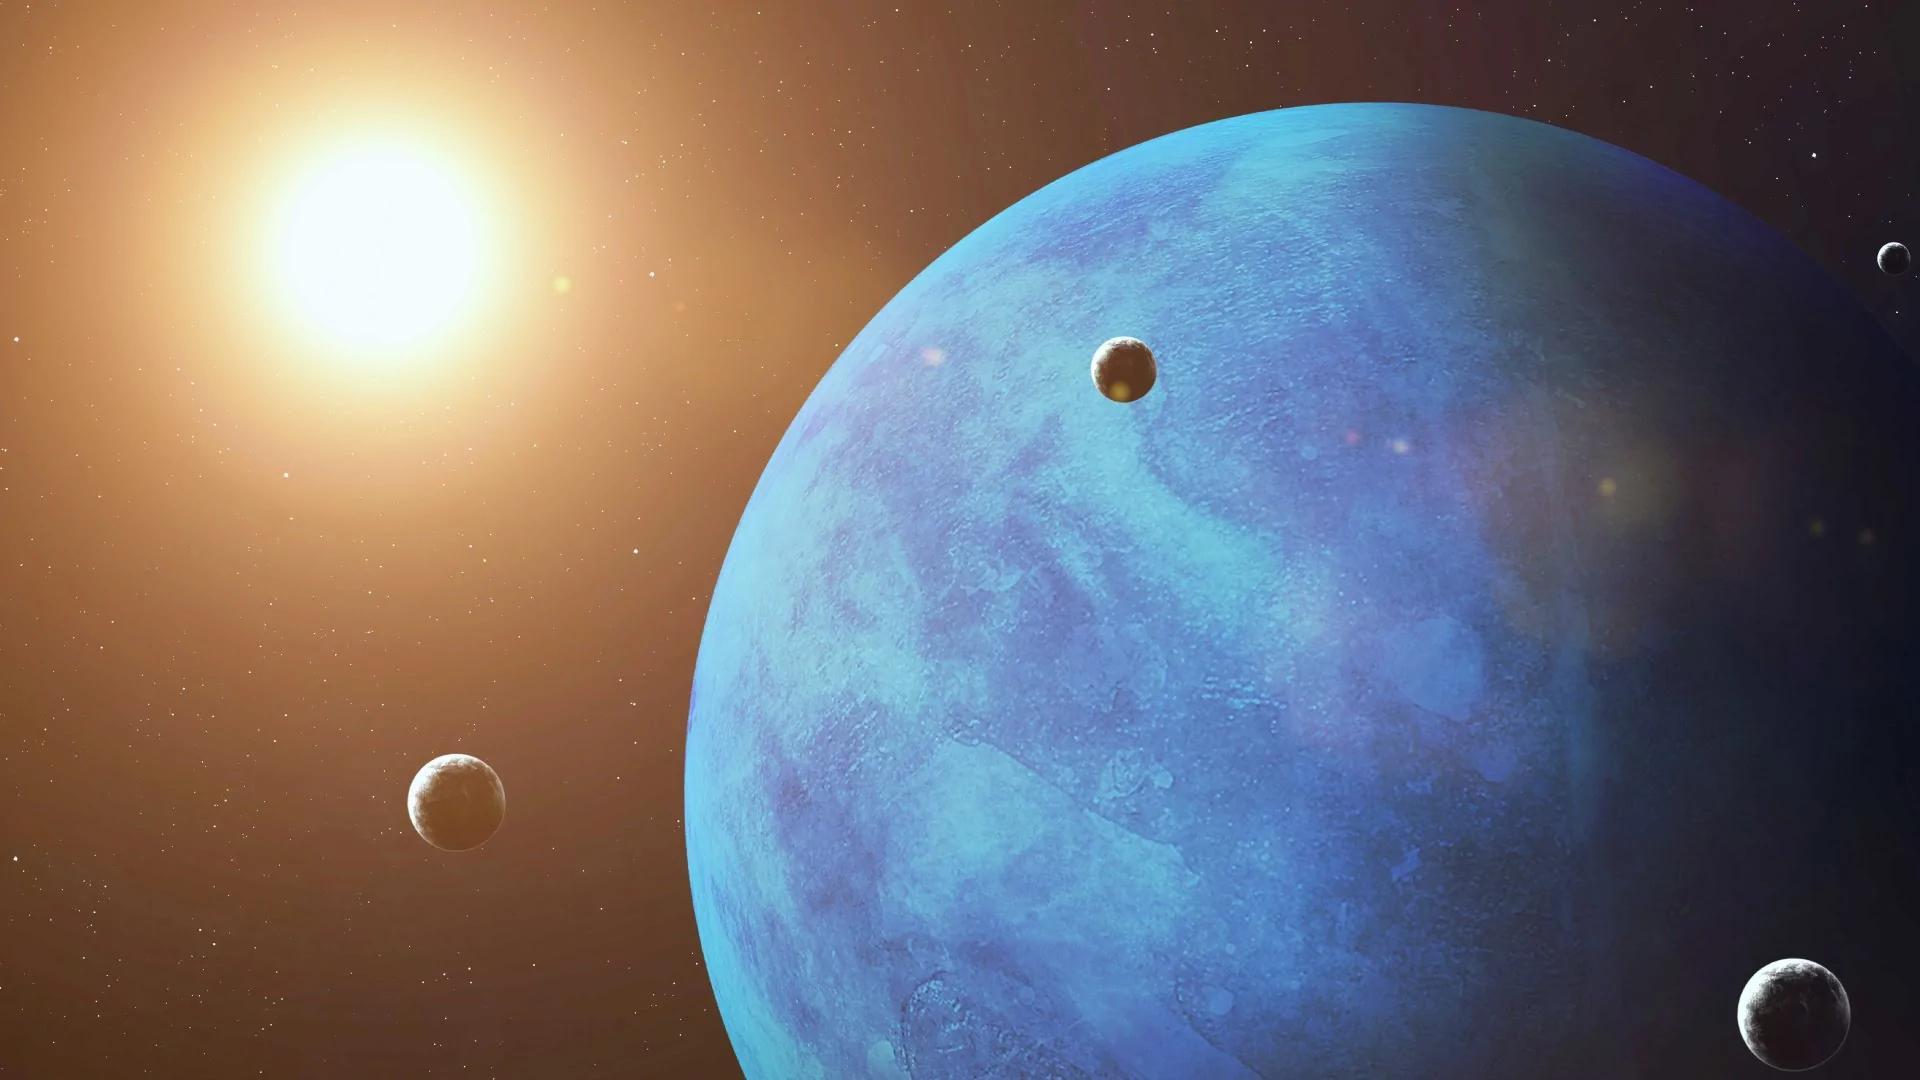 海王星外围怪异轨道的神秘天体 让天文学家也傻了 组图